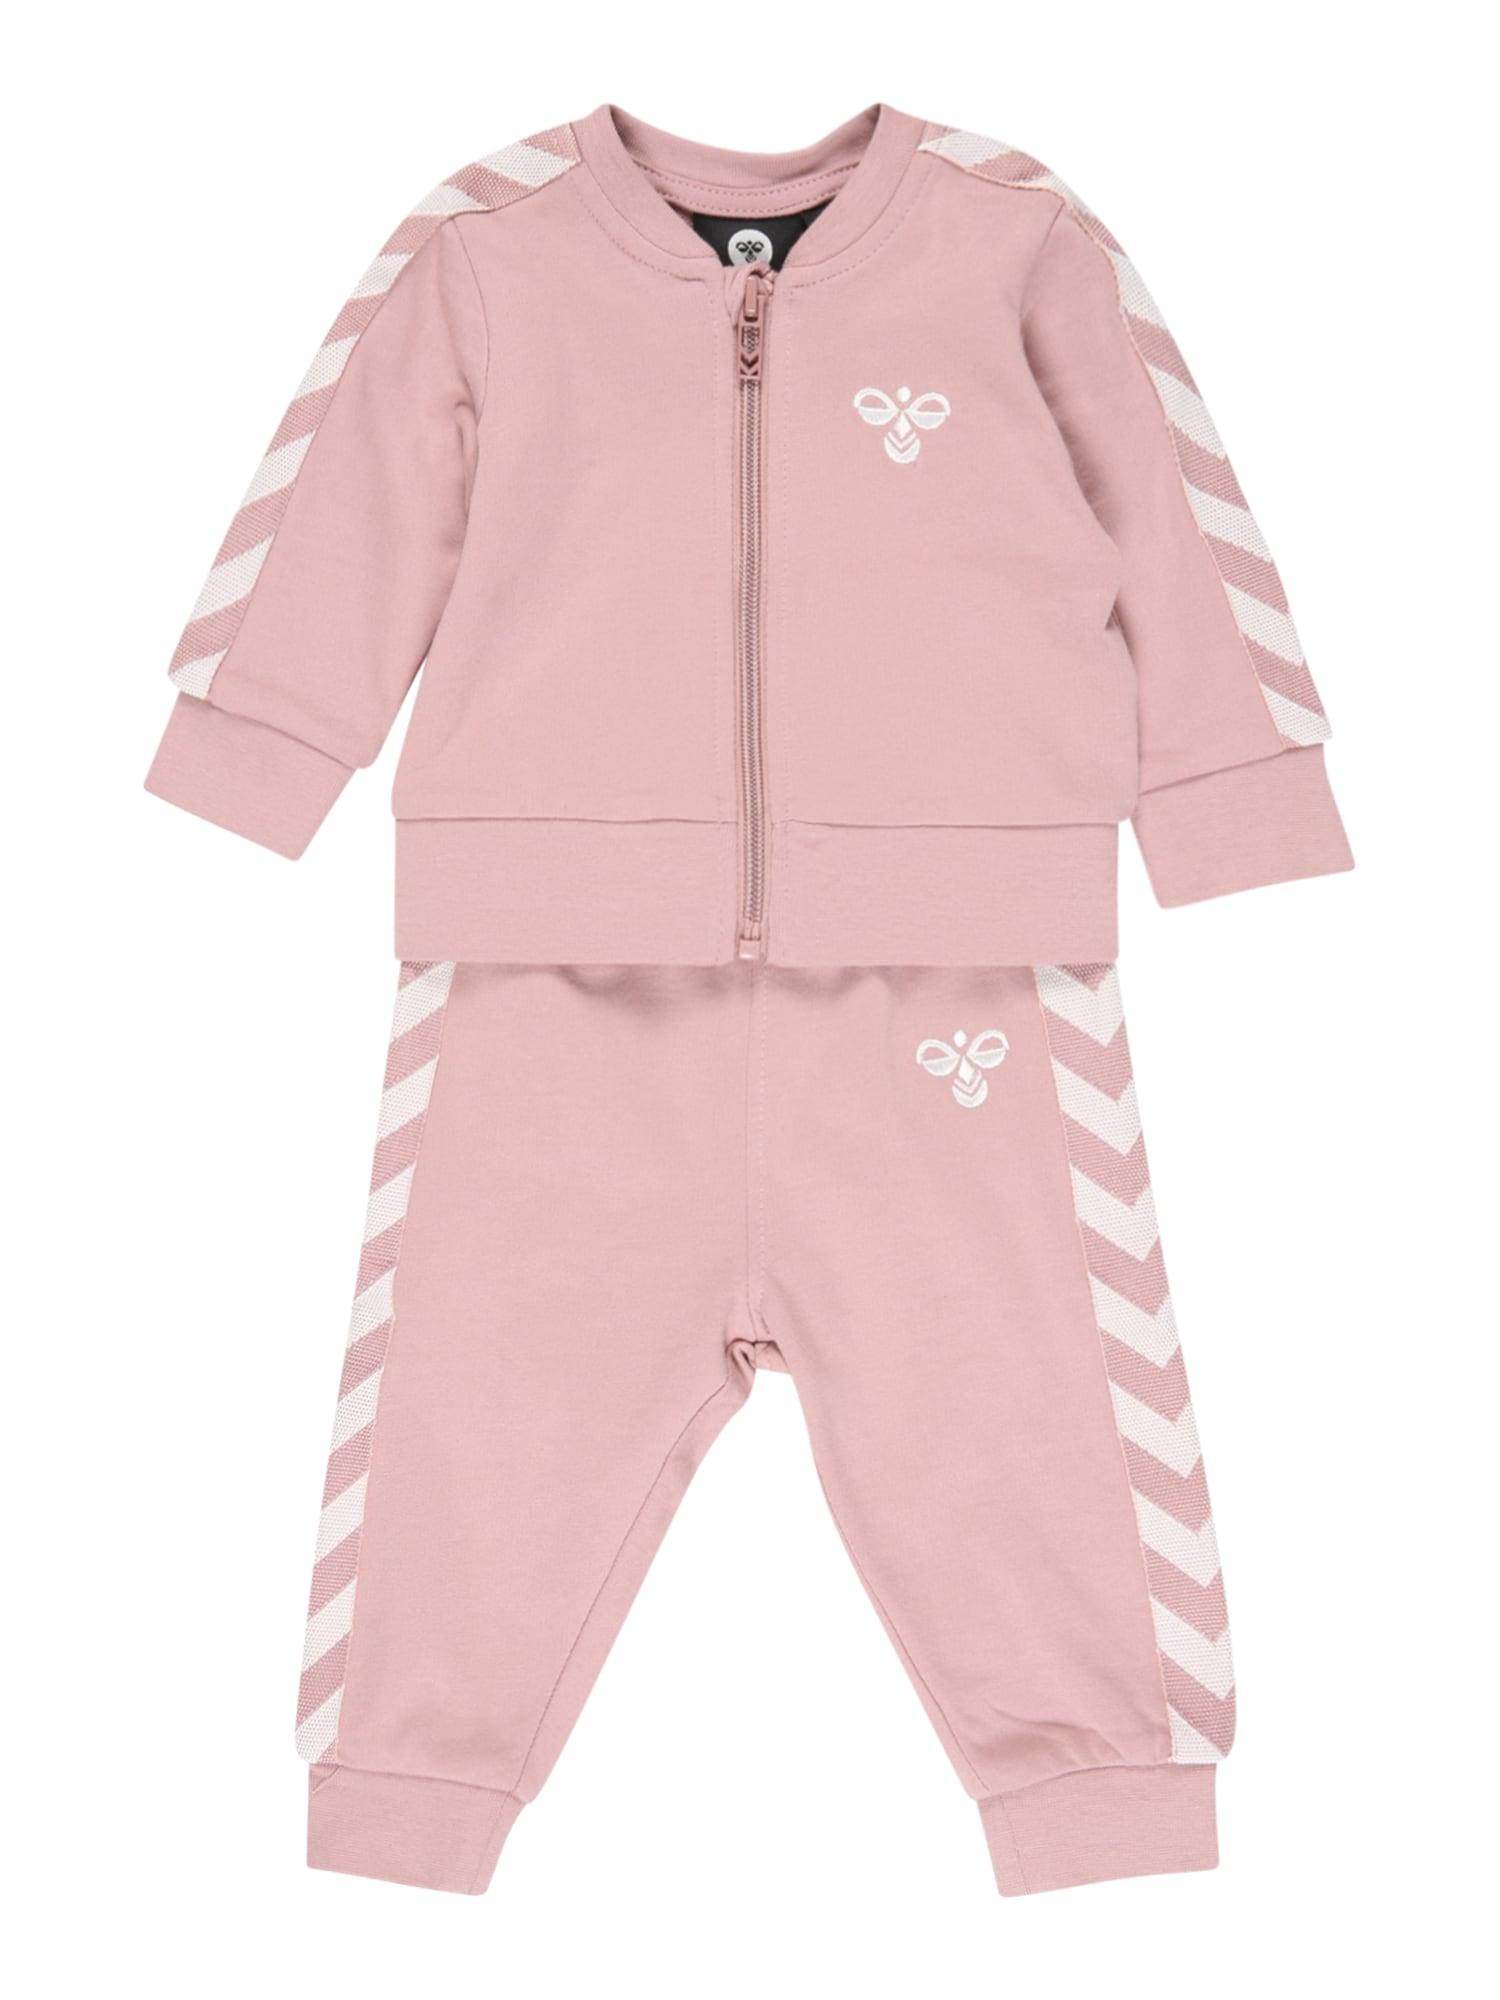 Hummel Treniruočių kostiumas ryškiai rožinė spalva / balta